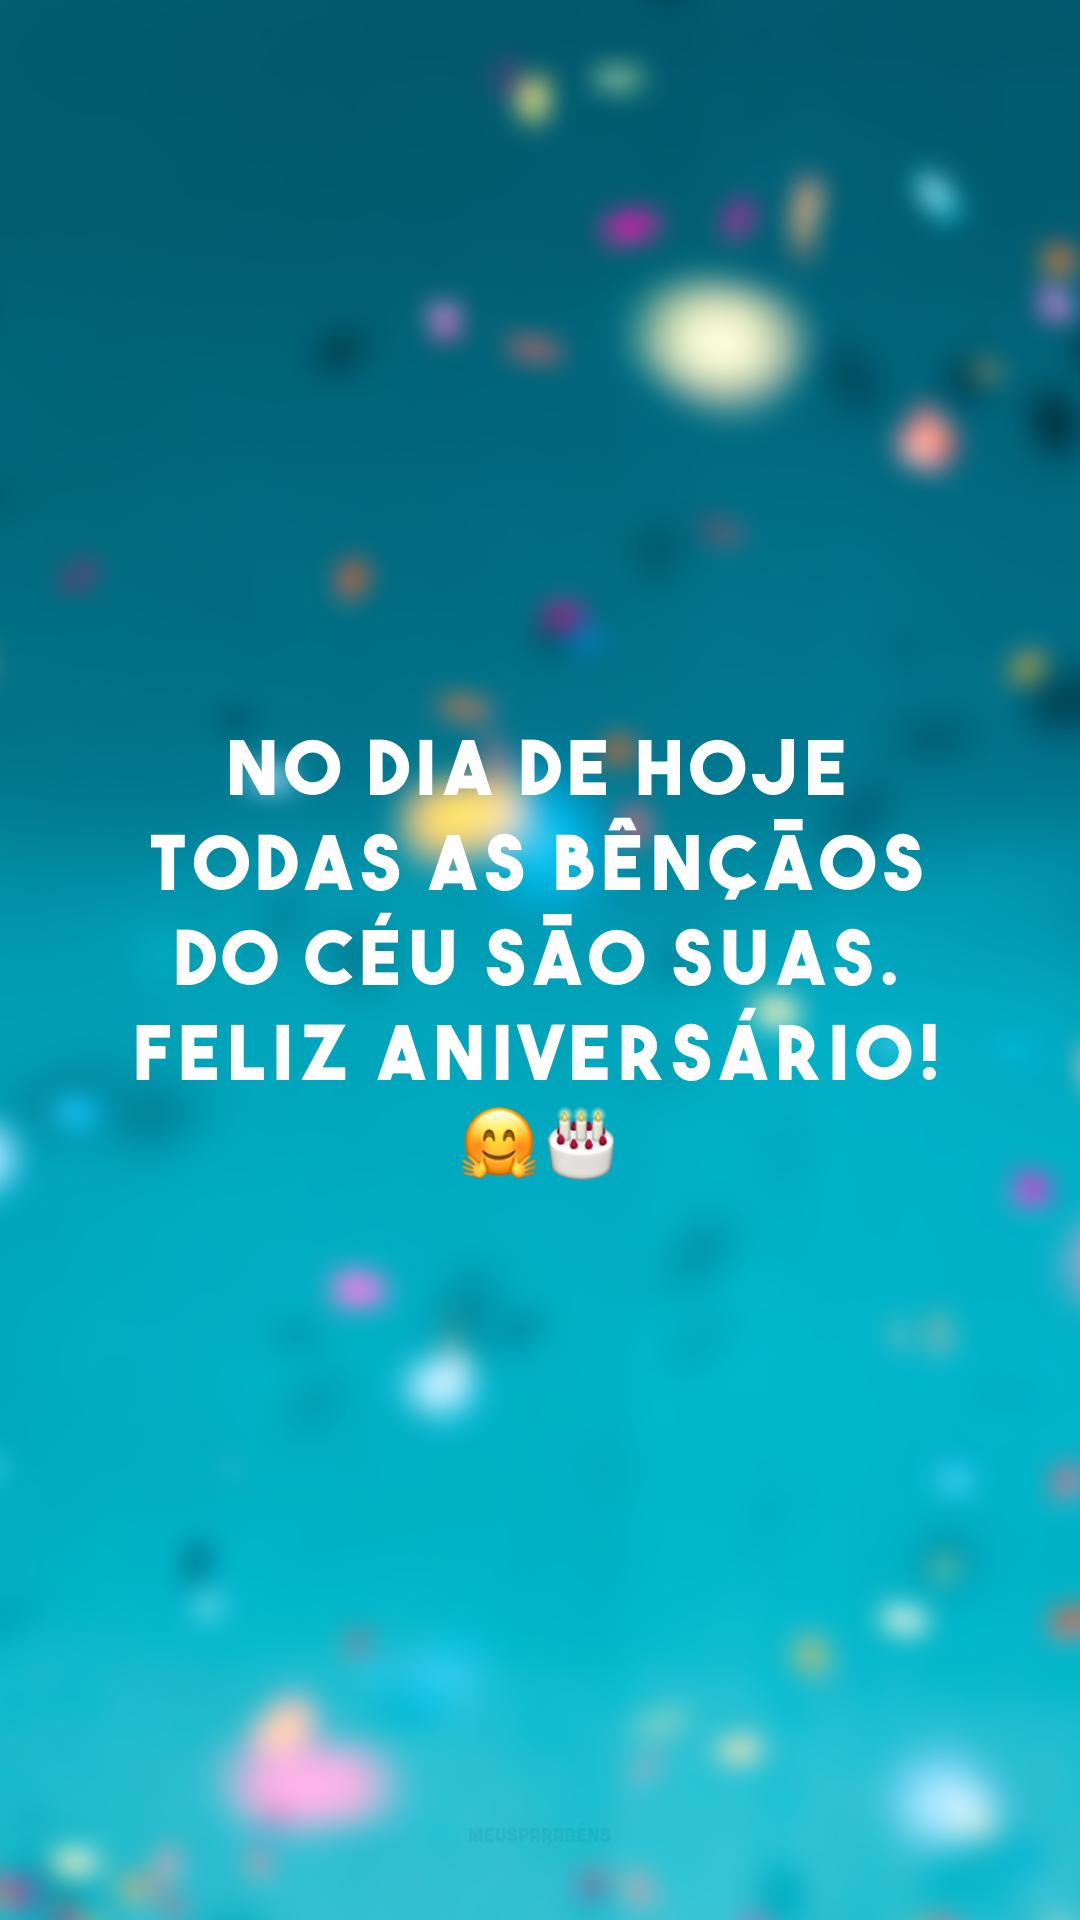 No dia de hoje todas as bênçãos do céu são suas. Feliz aniversário! 🤗🎂